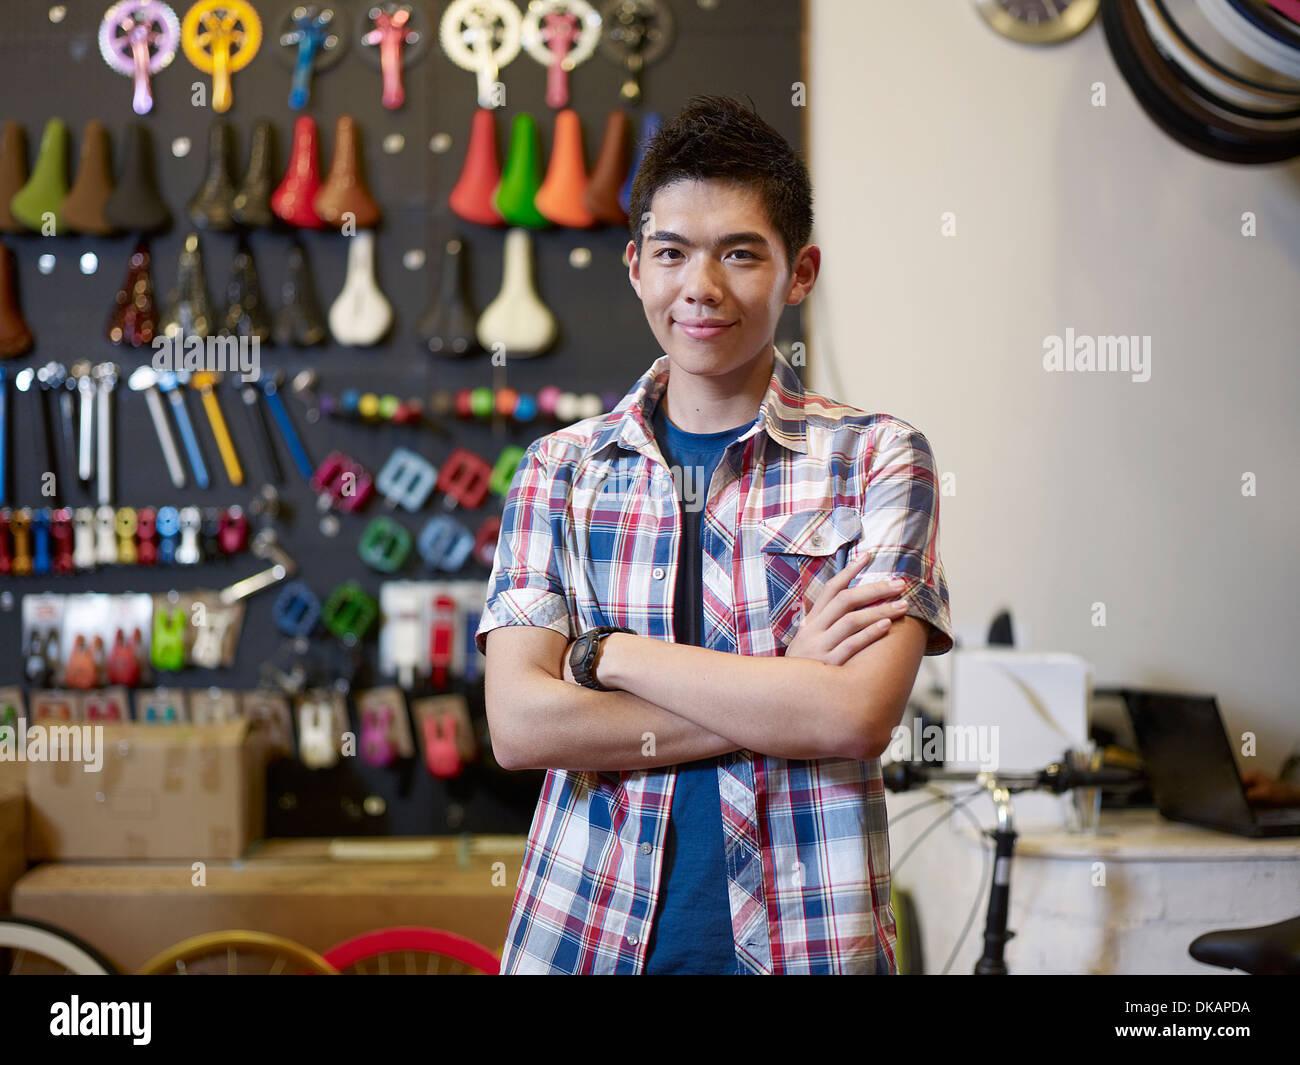 Ritratto di giovane uomo nel negozio di biciclette con i bracci ripiegati Immagini Stock